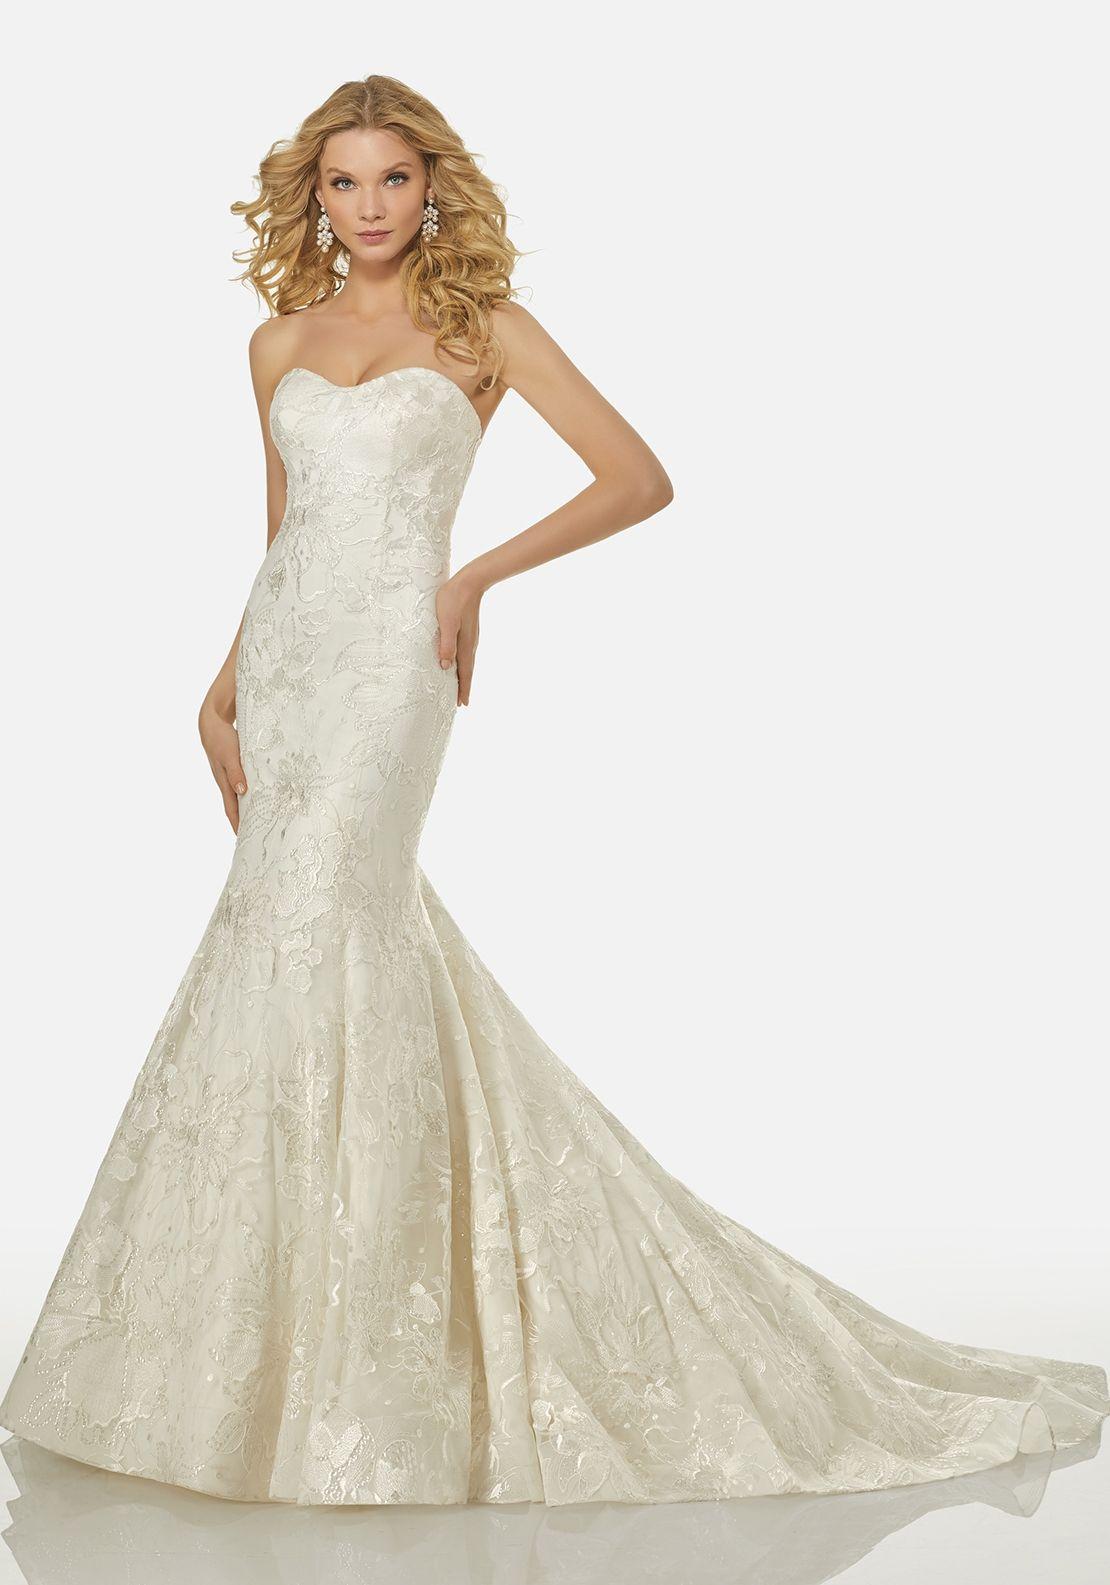 Randy Fenoli Wedding Dress 3415 Mermaid wedding dress